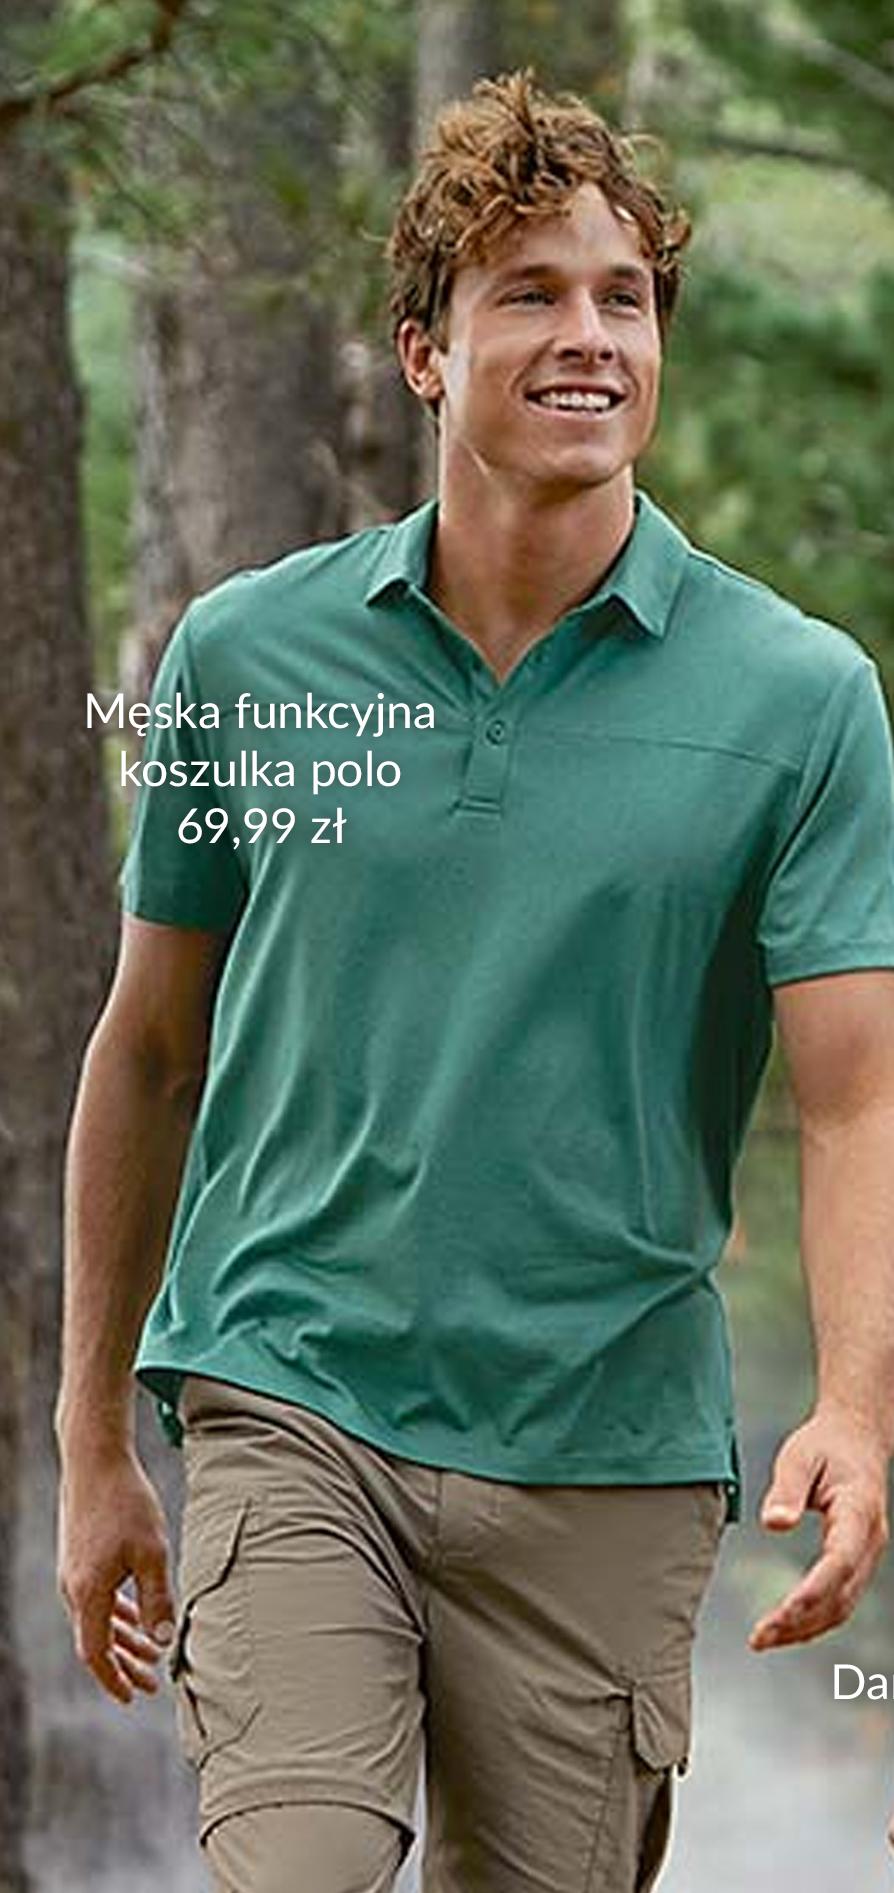 Koszulka męska niska cena